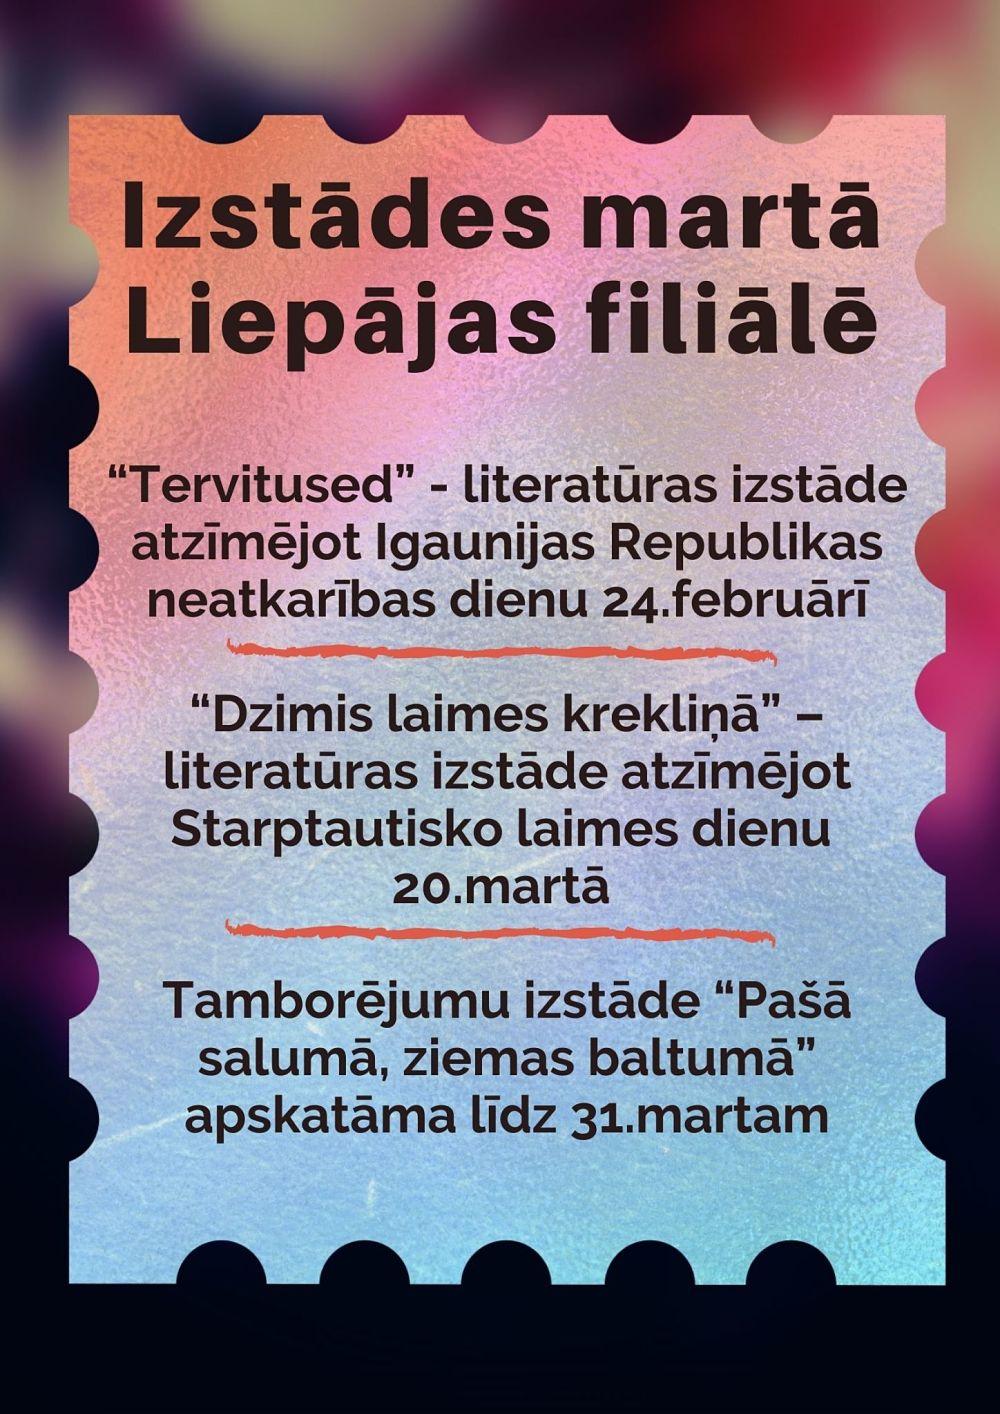 Plakāts Izstādes martā Liepājā